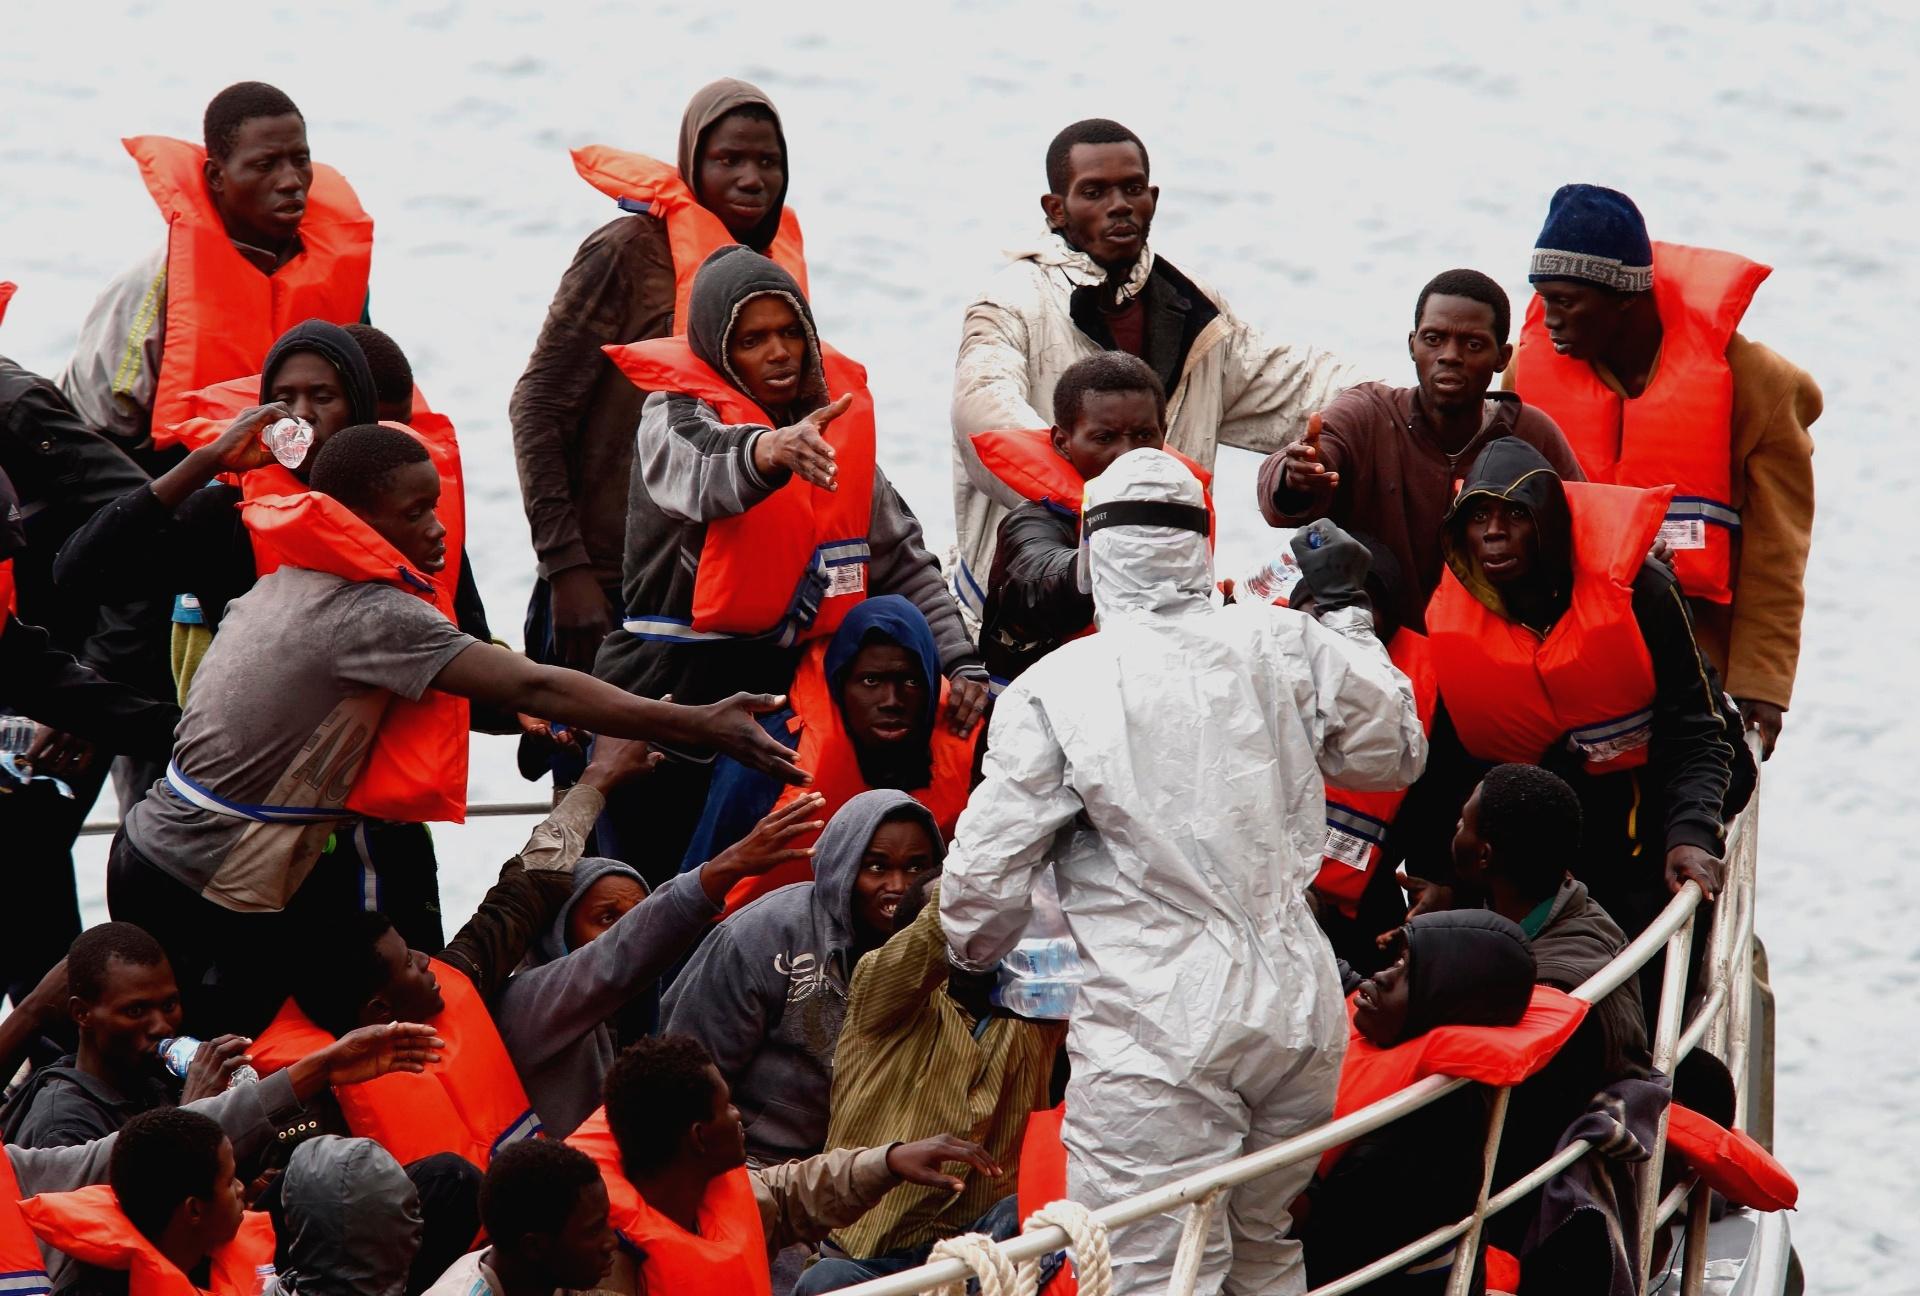 22.jan.2015 - Imigrantes resgatados em um navio-patrulha das forças armadas de Malta recebem garrafas de água de soldado com roupa anticontaminação, no porto da capital Valletta. O navio resgatou 83 imigrantes que estavam em um bote próximo à ilha, mas outros 20 podem ter morrido. Todos foram colocados em quarentena por medo do vírus Ebola